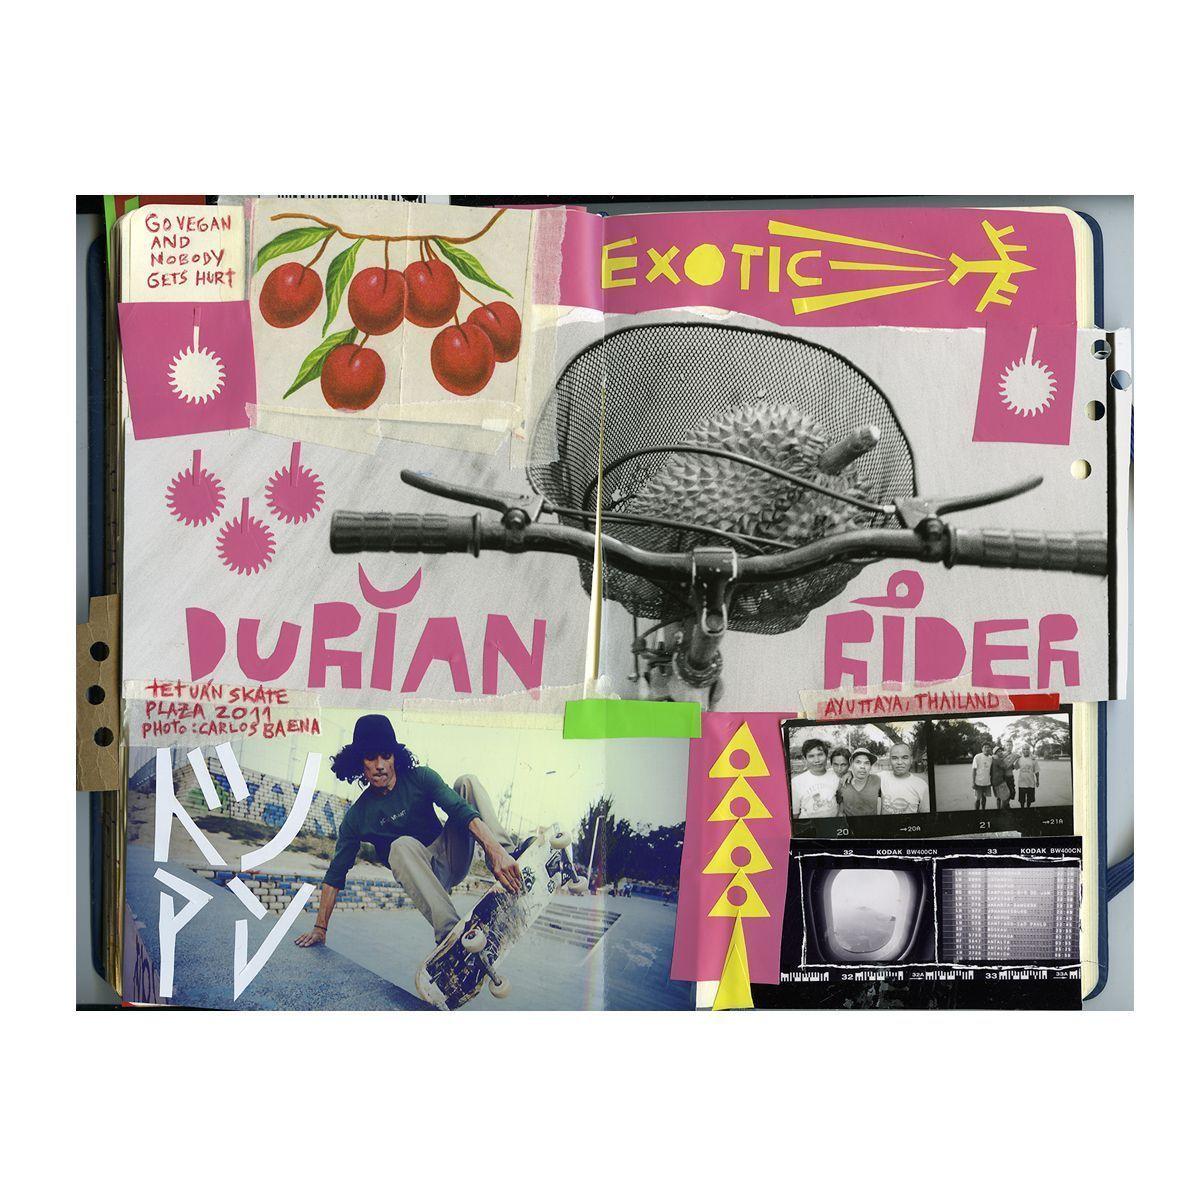 Exotic, collage en cuaderno, Algatocín 2015 ©Fernando Elvira